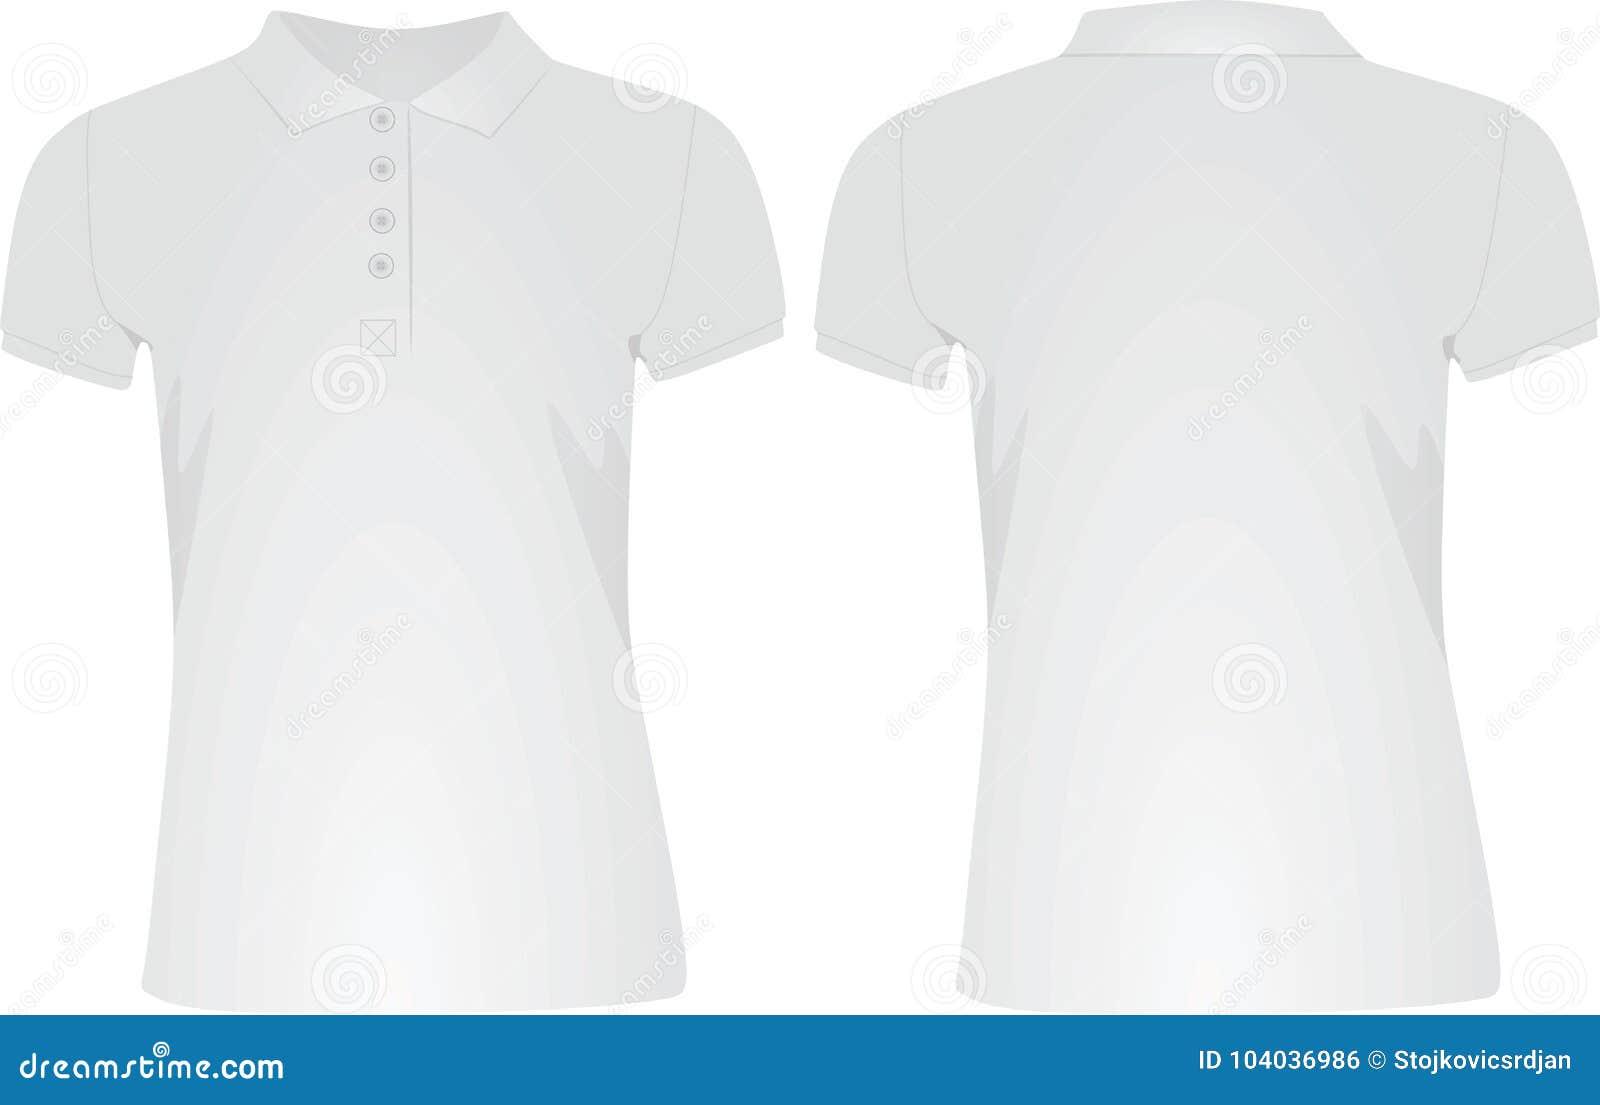 White women polo t shirt stock vector. Illustration of ...